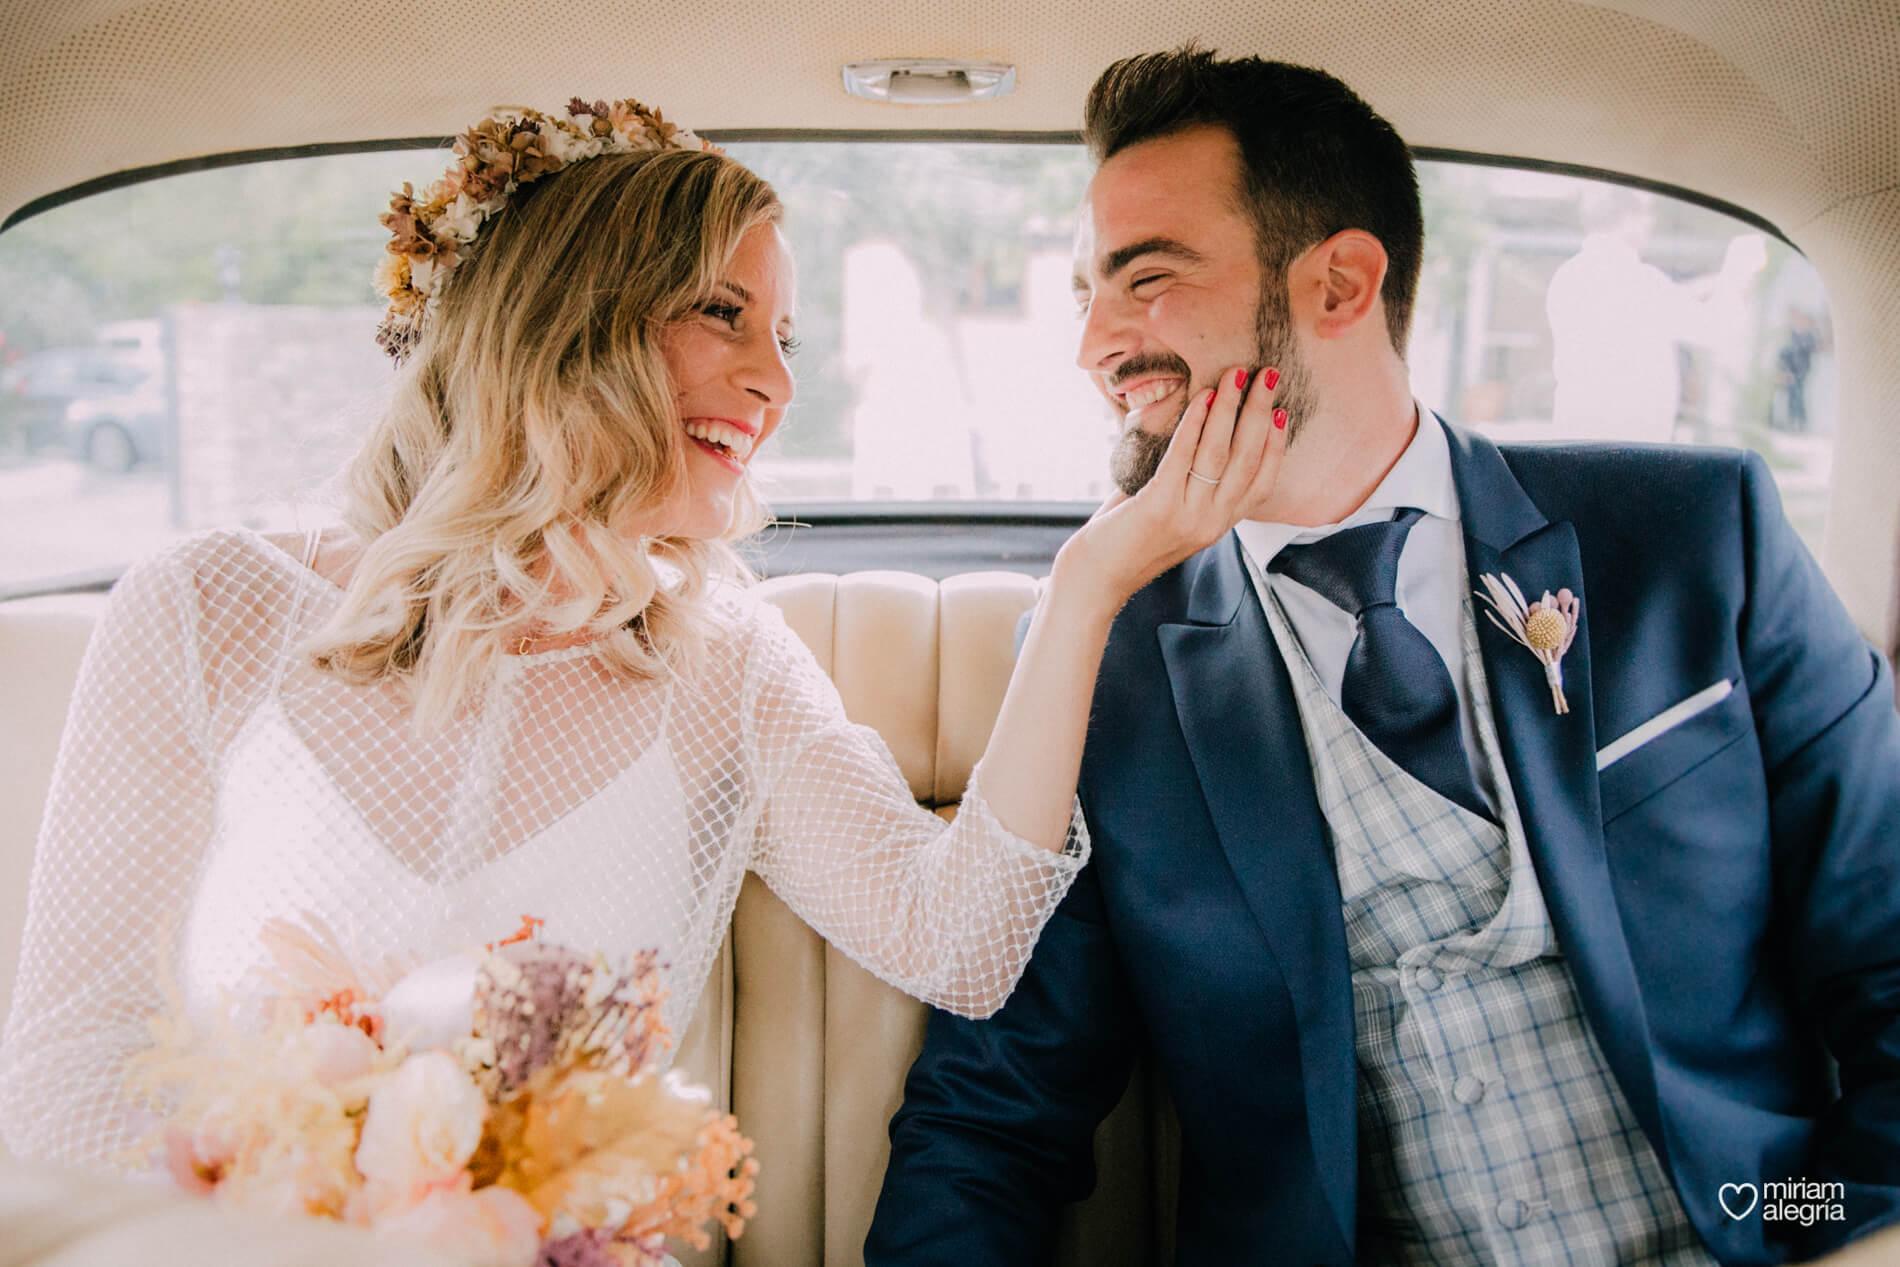 boda-en-collados-miriam-alegria-cayetana-ferrer-87